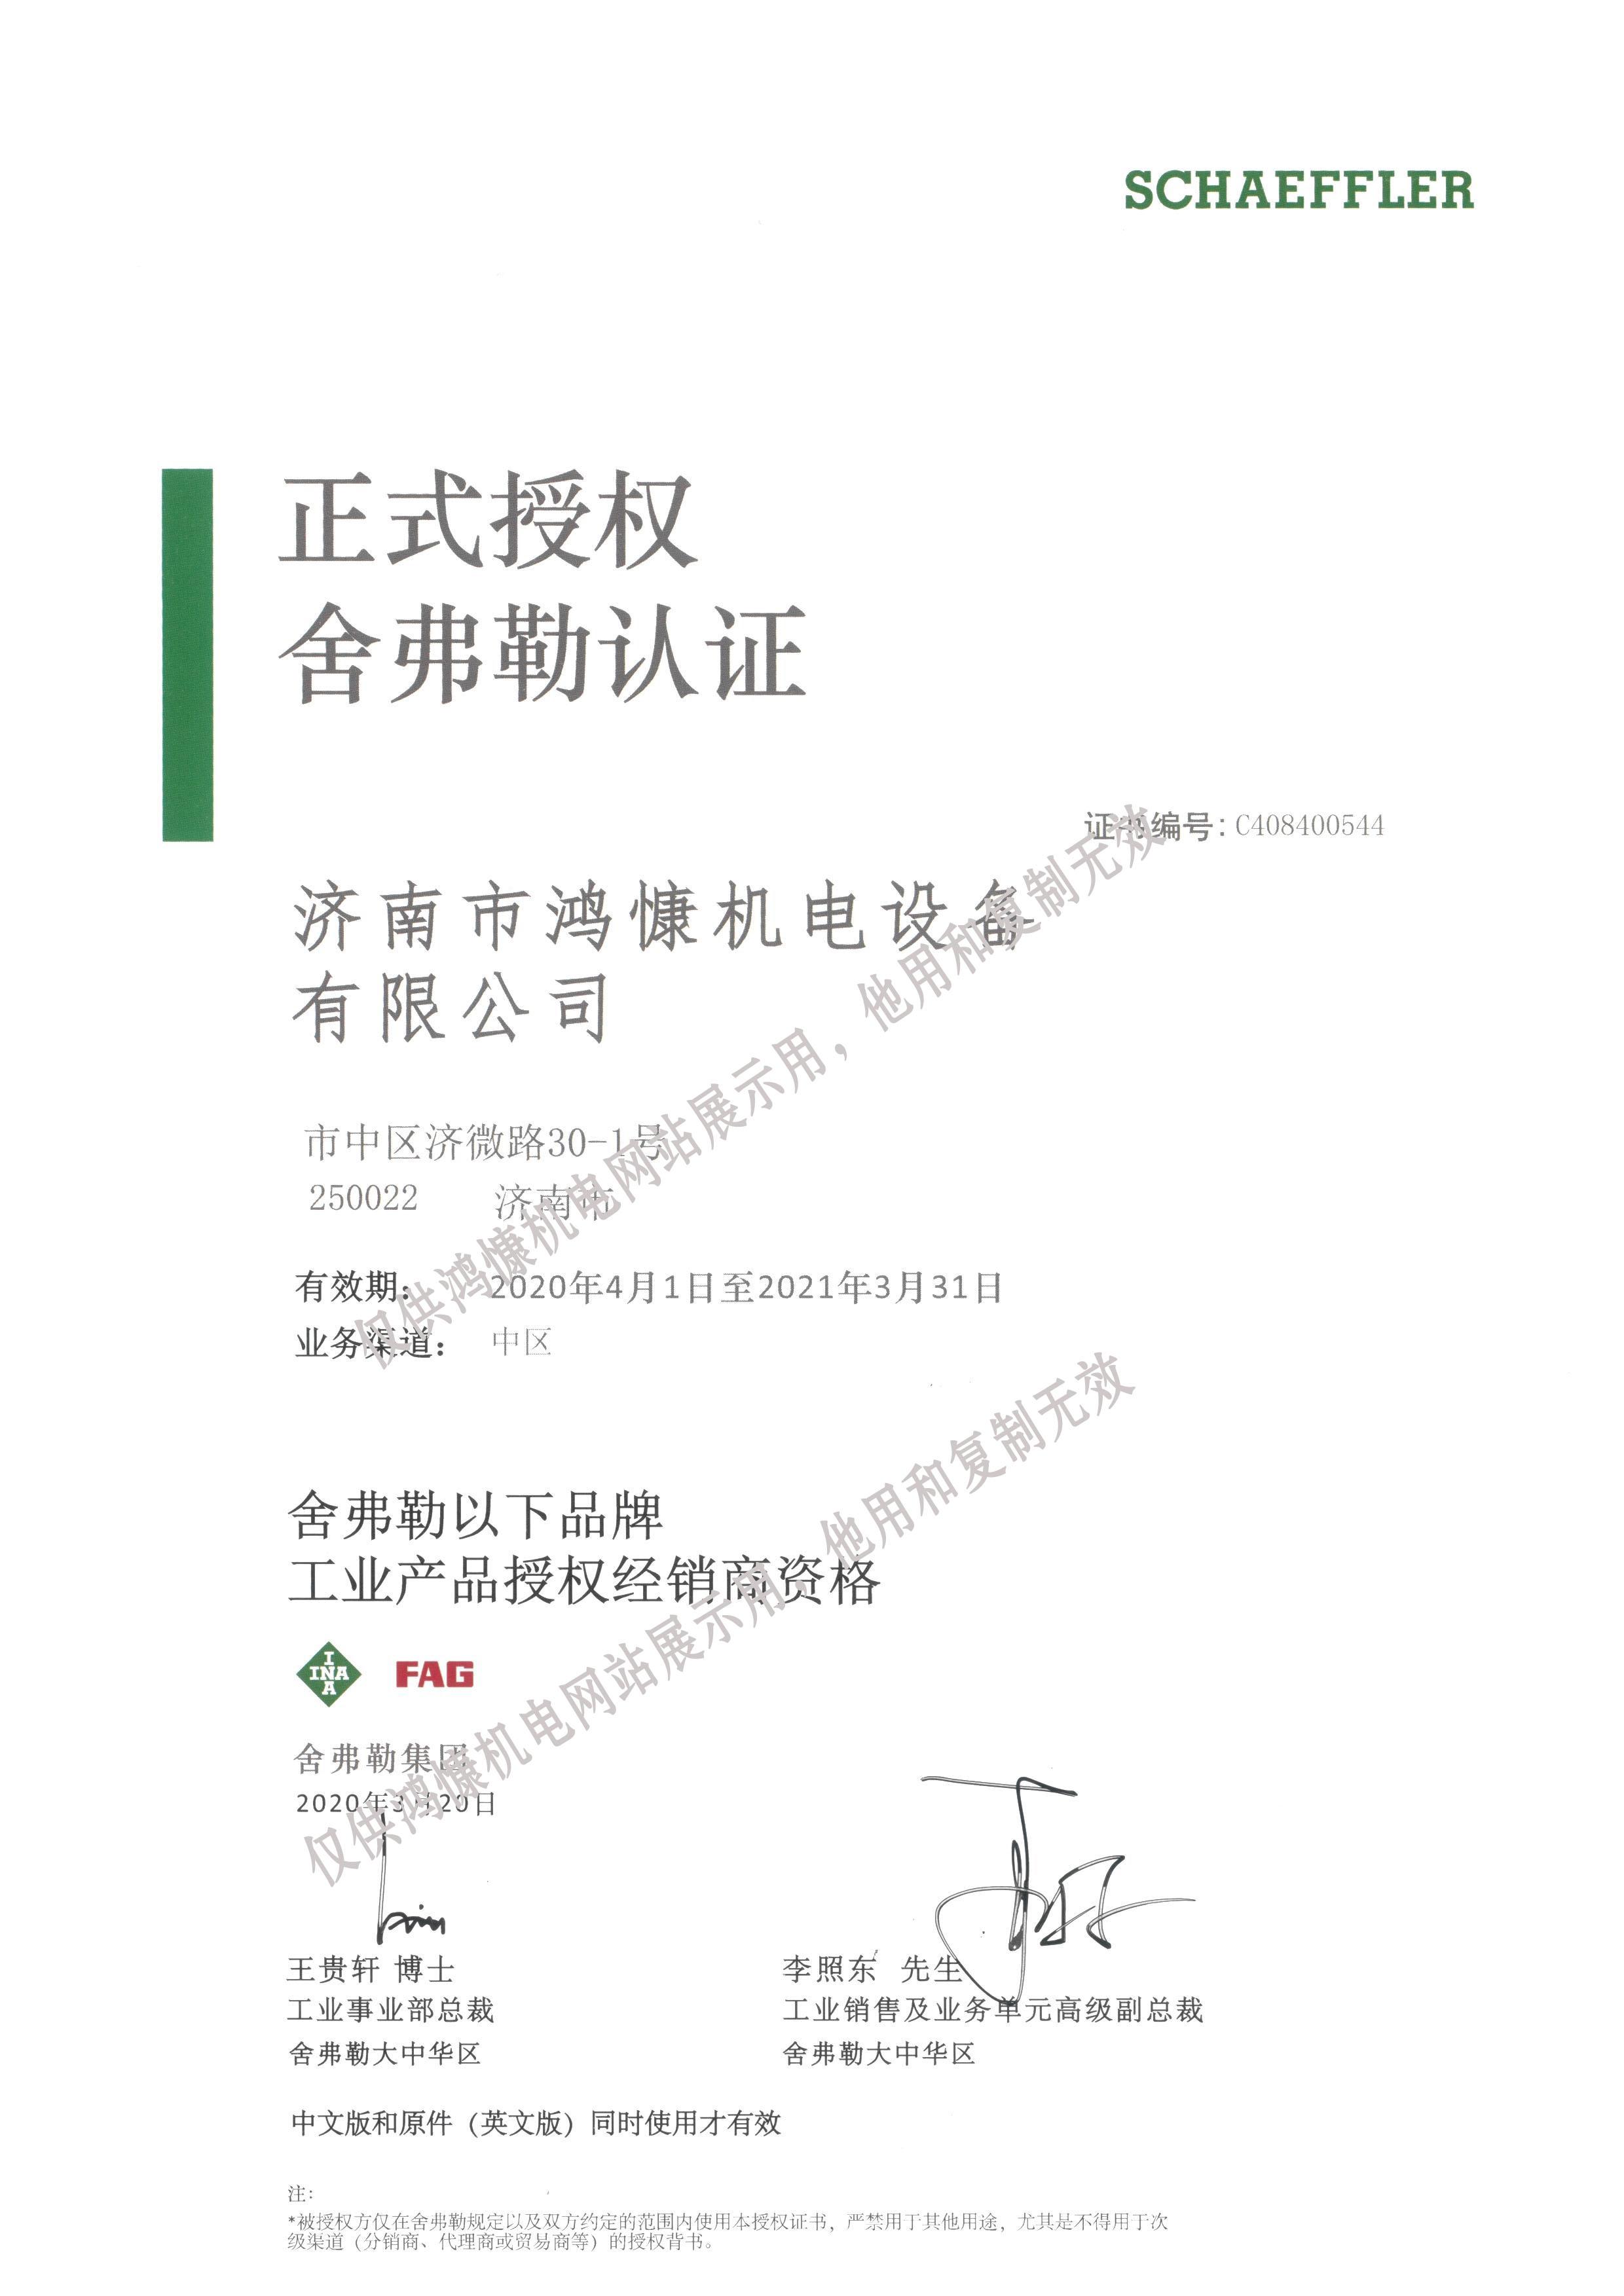 2020年德国大奖娱乐官网首页集团官方授权证书